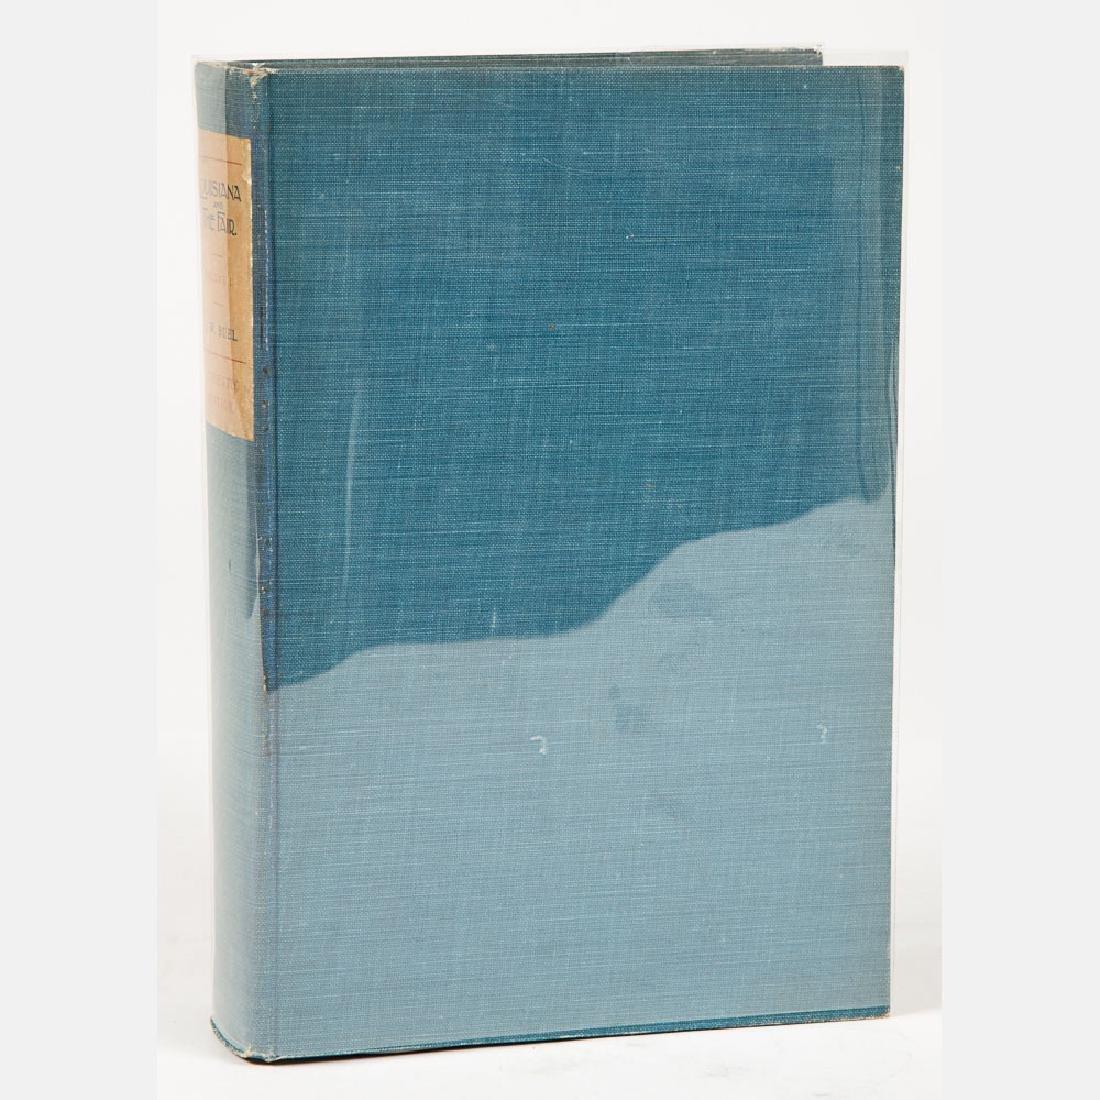 Buel, J.W. (1849-1920). ed. Louisiana and the Fair: An - 4